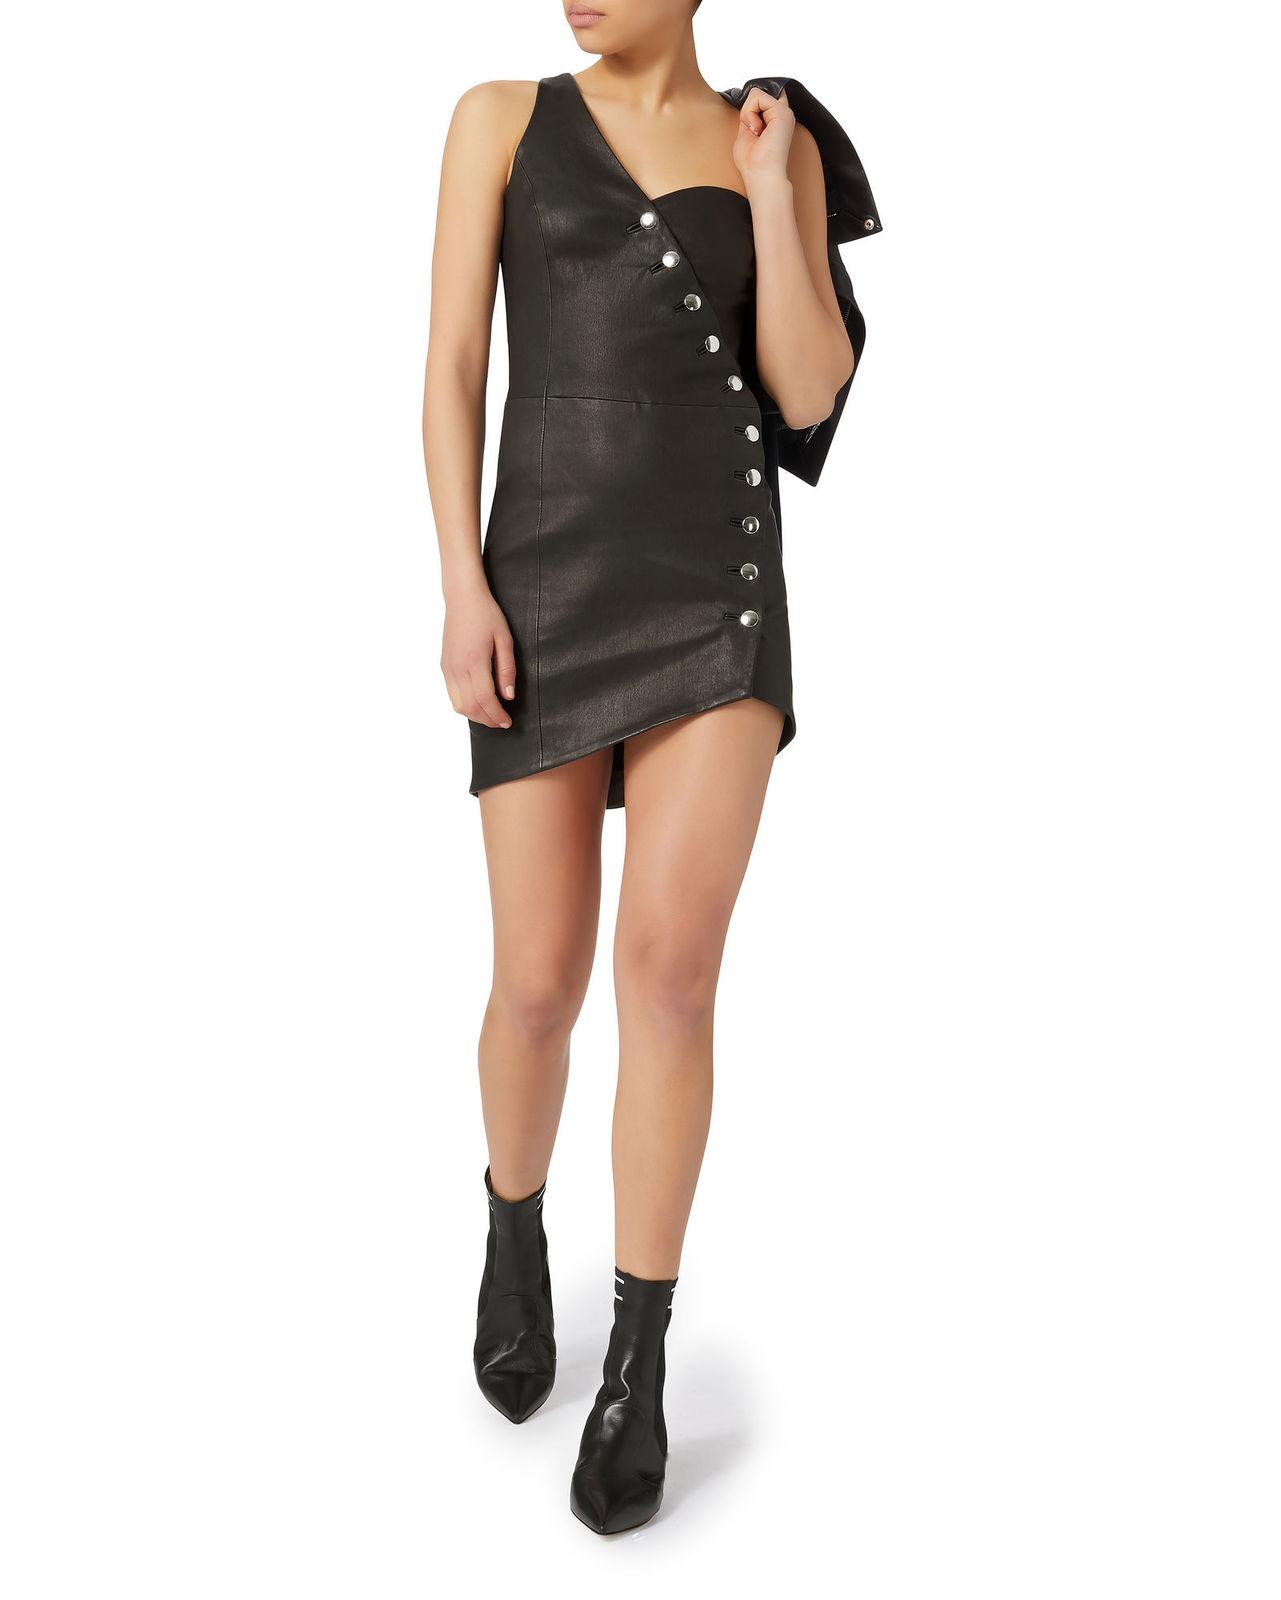 One Shoulder Black Leather Dress